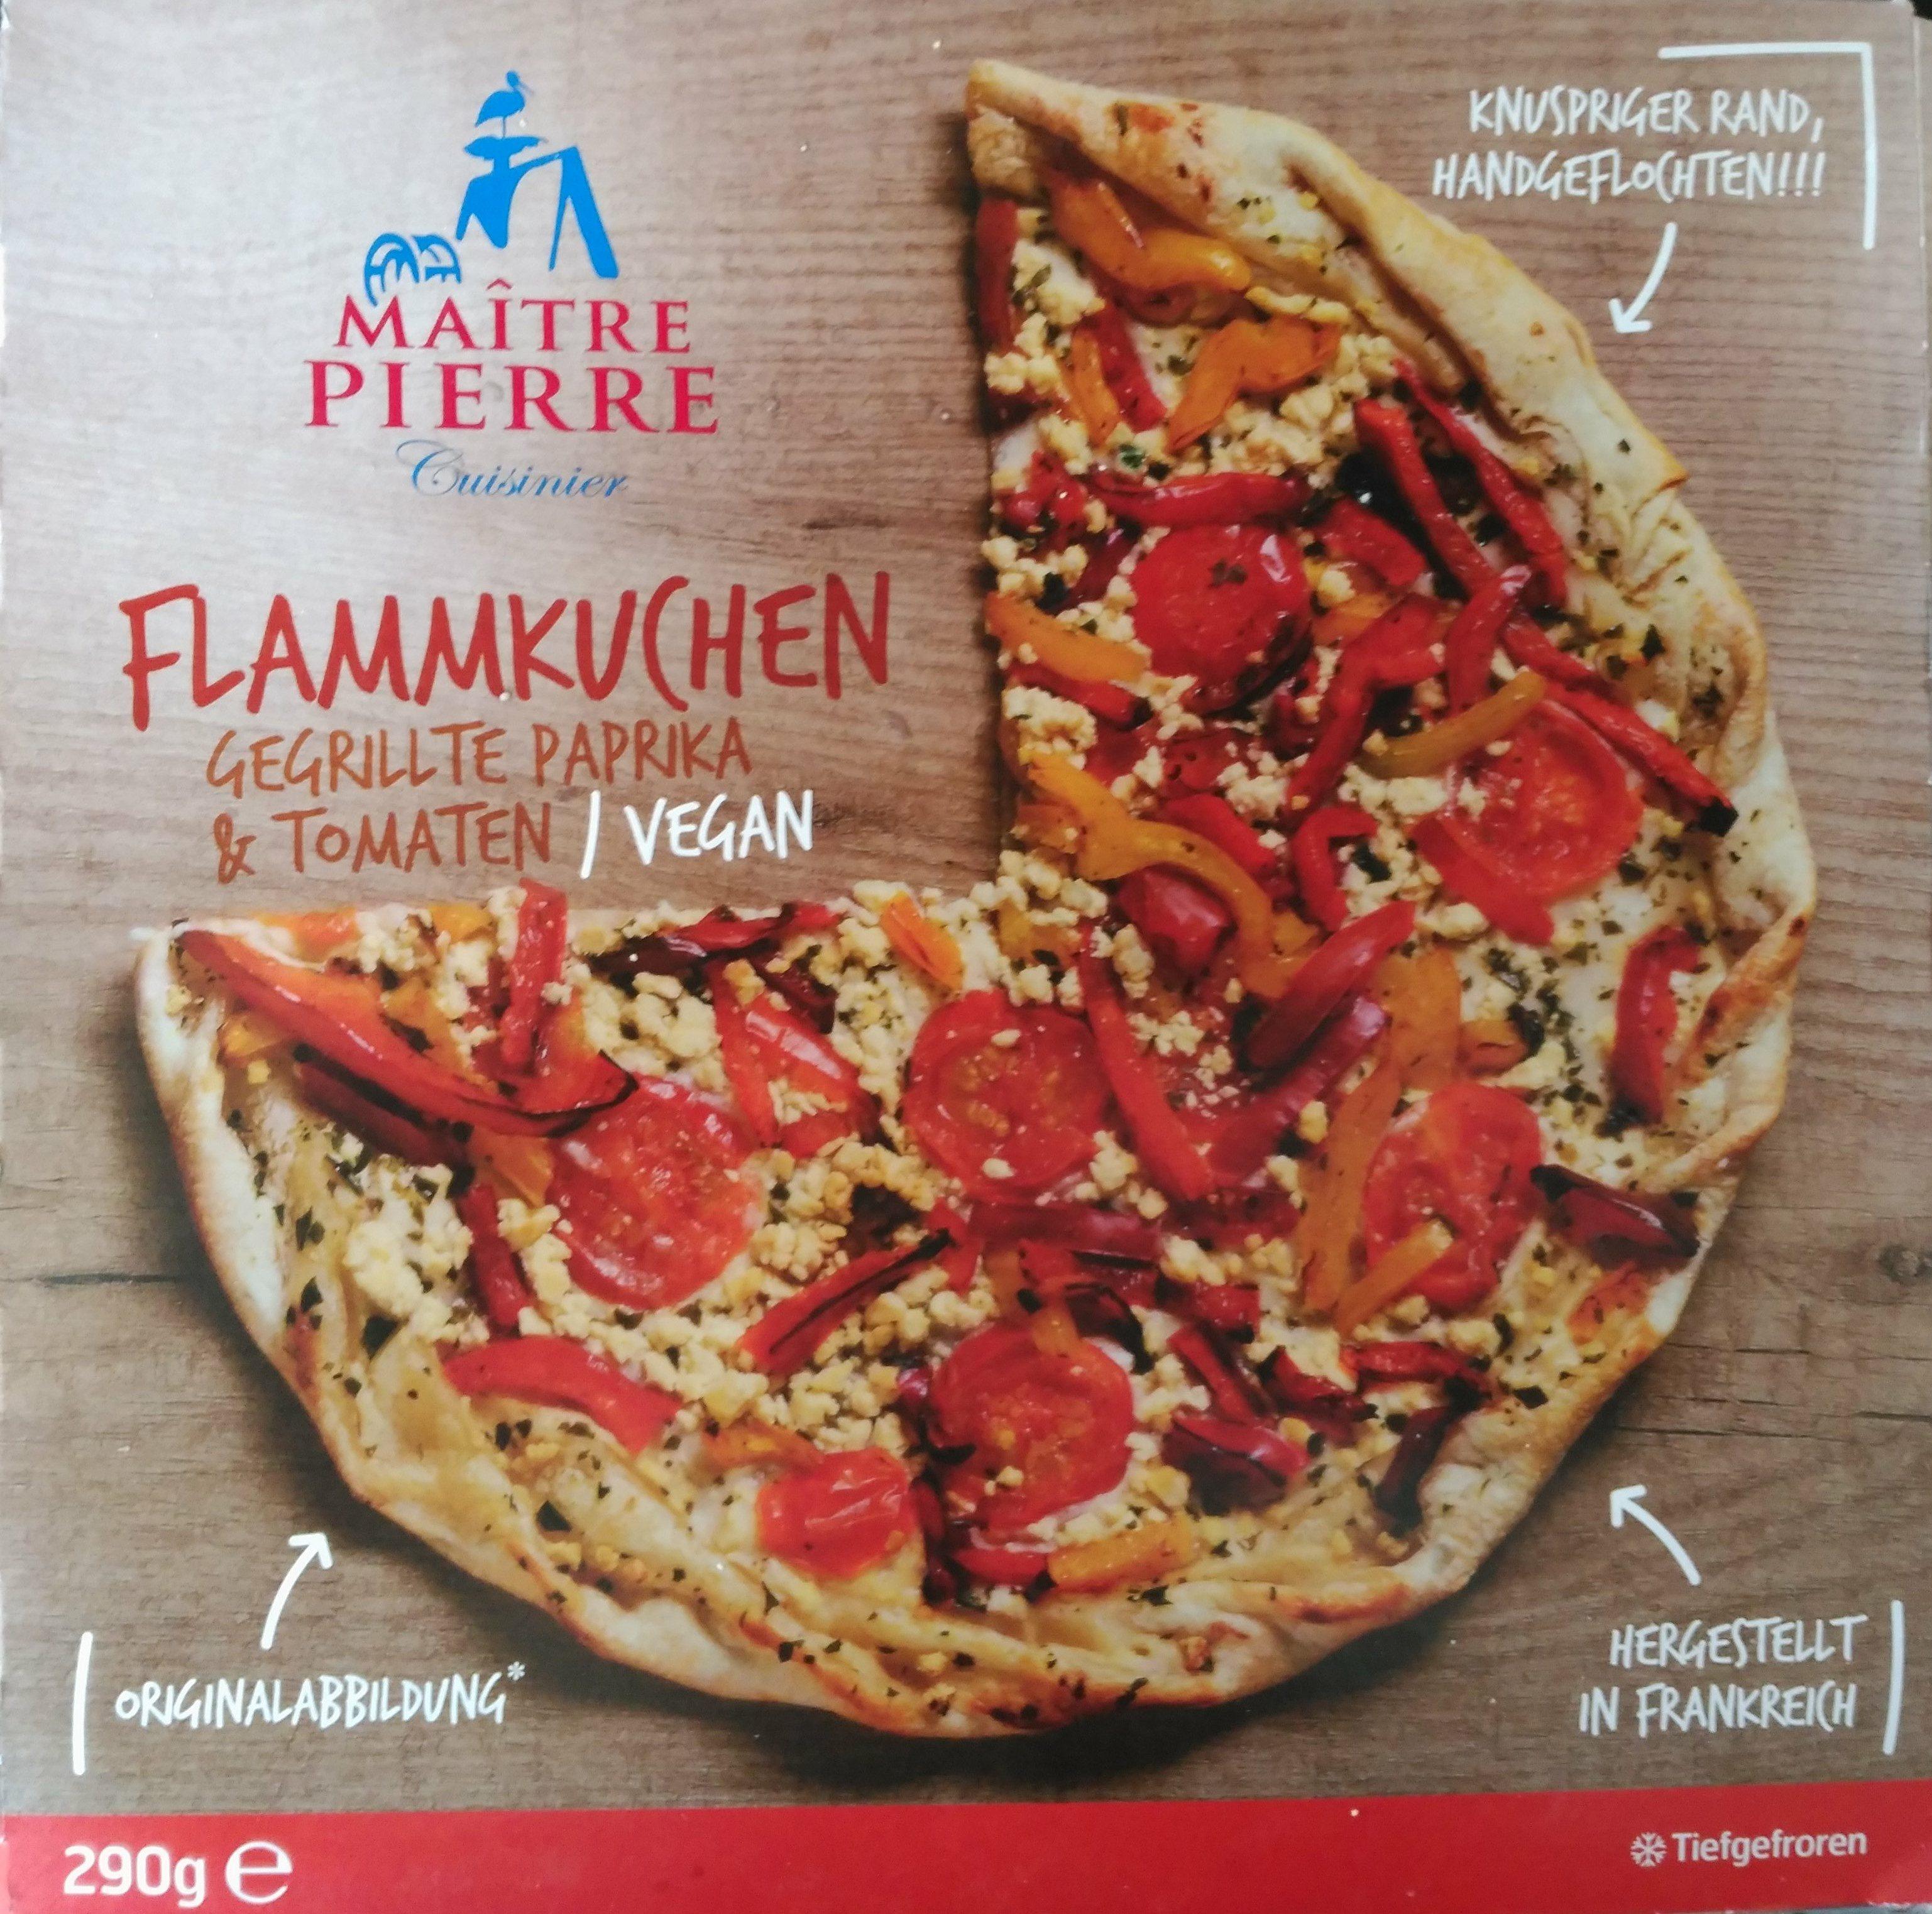 Flammkuchen Gegrillte Paprika & Tomaten - Produit - de